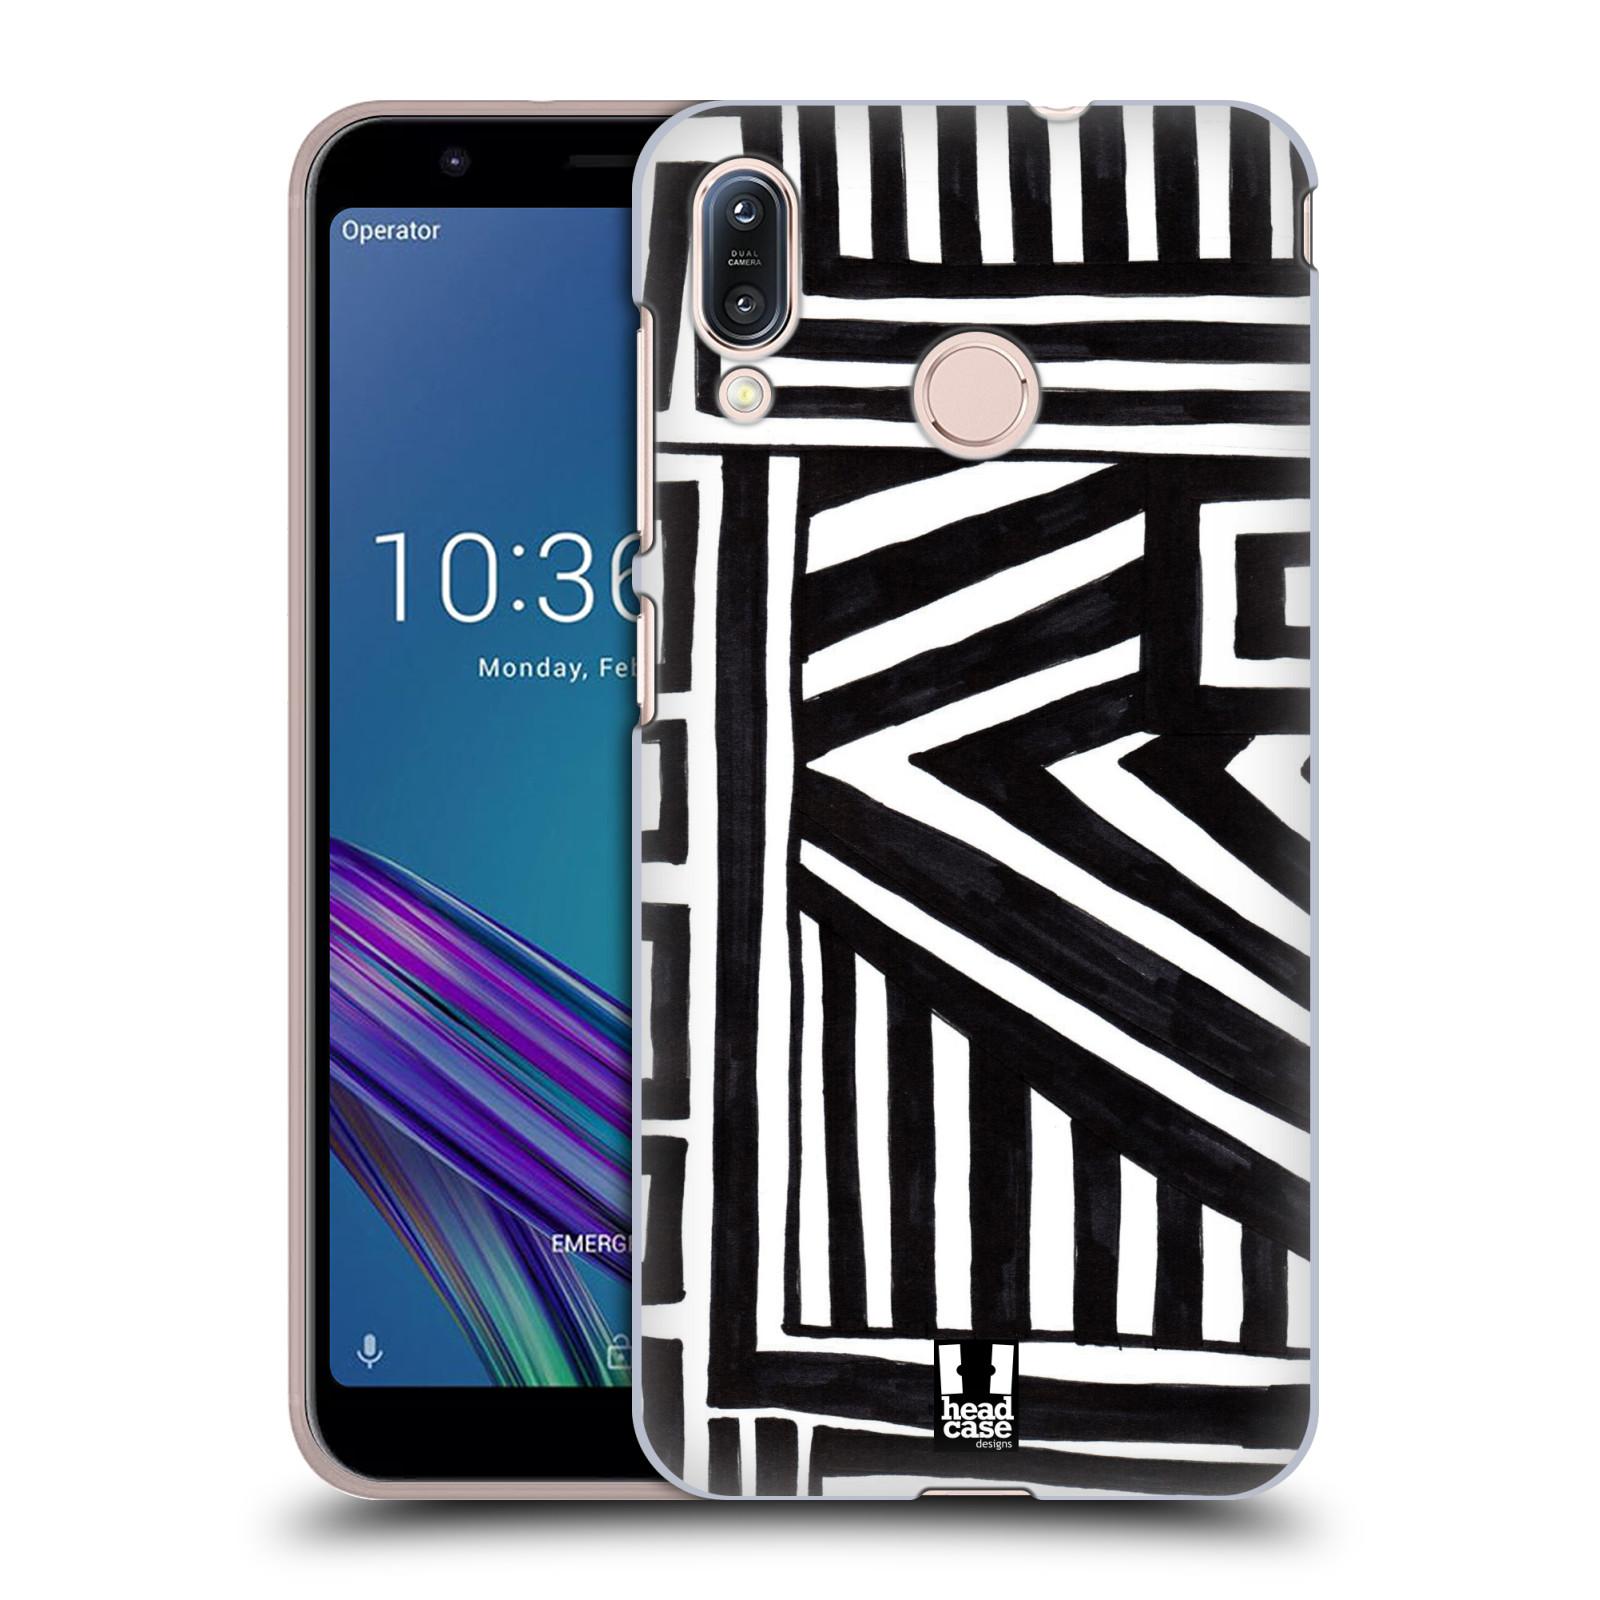 Plastové pouzdro na mobil Asus Zenfone Max M1 ZB555KL - Head Case - DOODLE GEOMETRIC